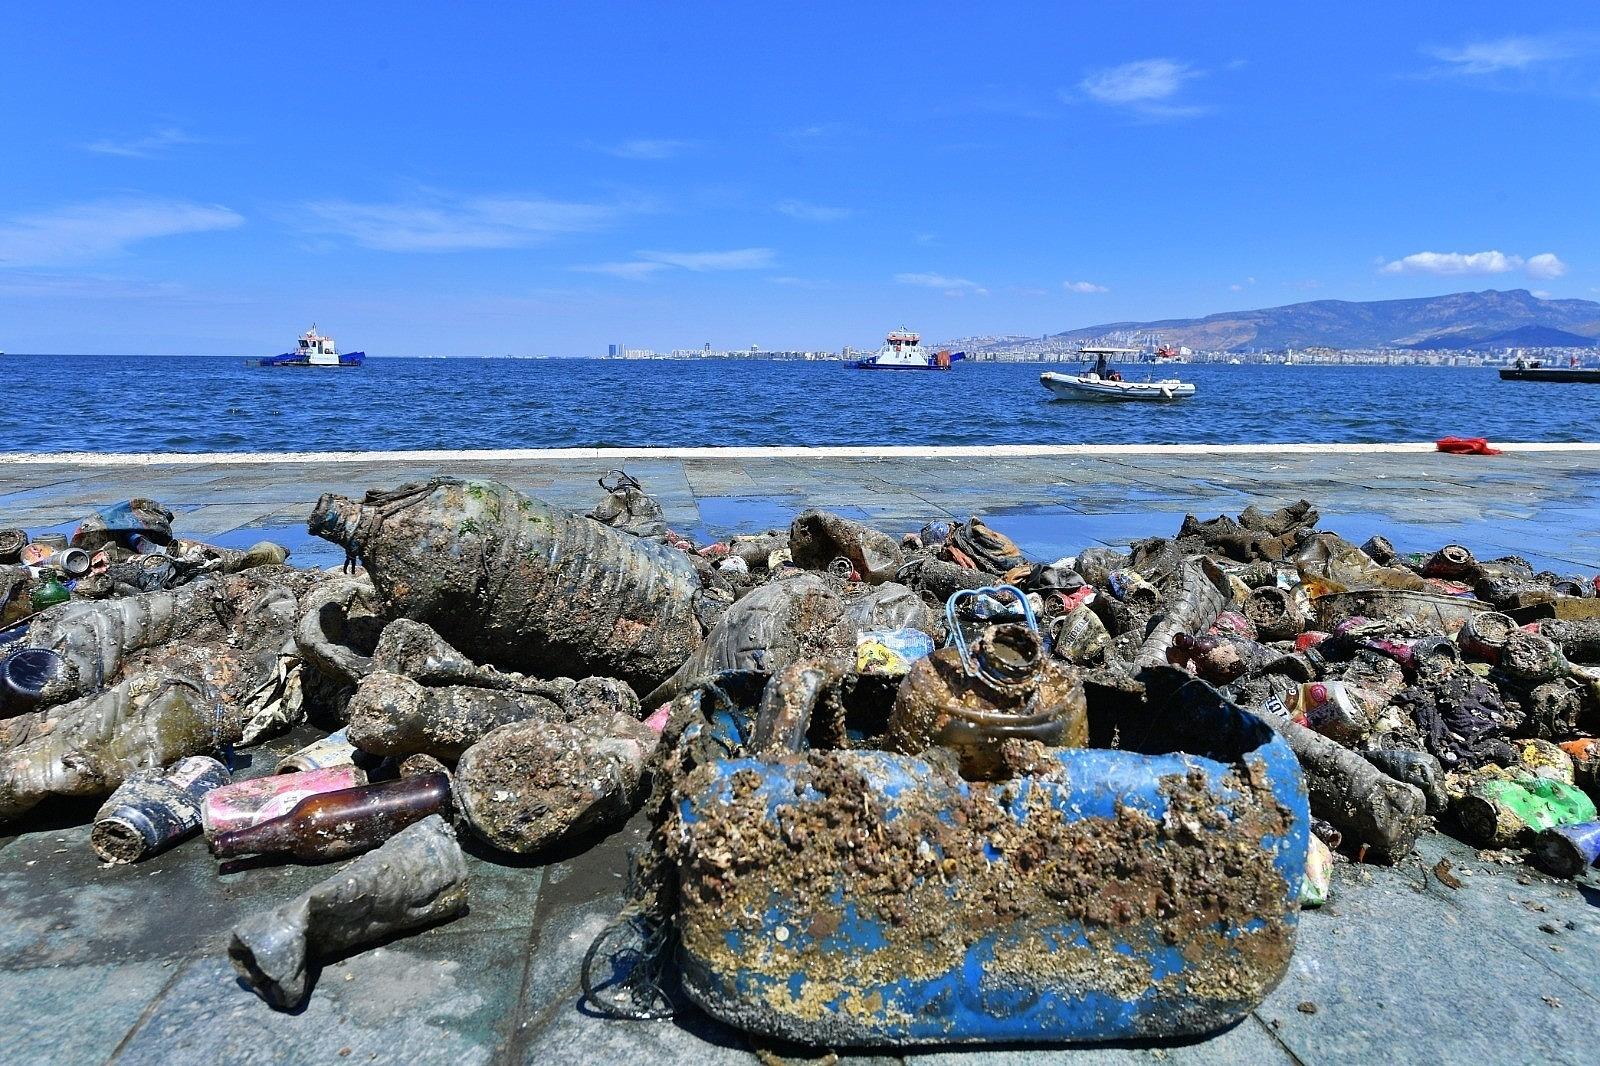 2021/06/dunya-cevre-gununde-denizden-cikanlar-sasirtmaya-devam-ediyor-20210604AW33-3.jpg